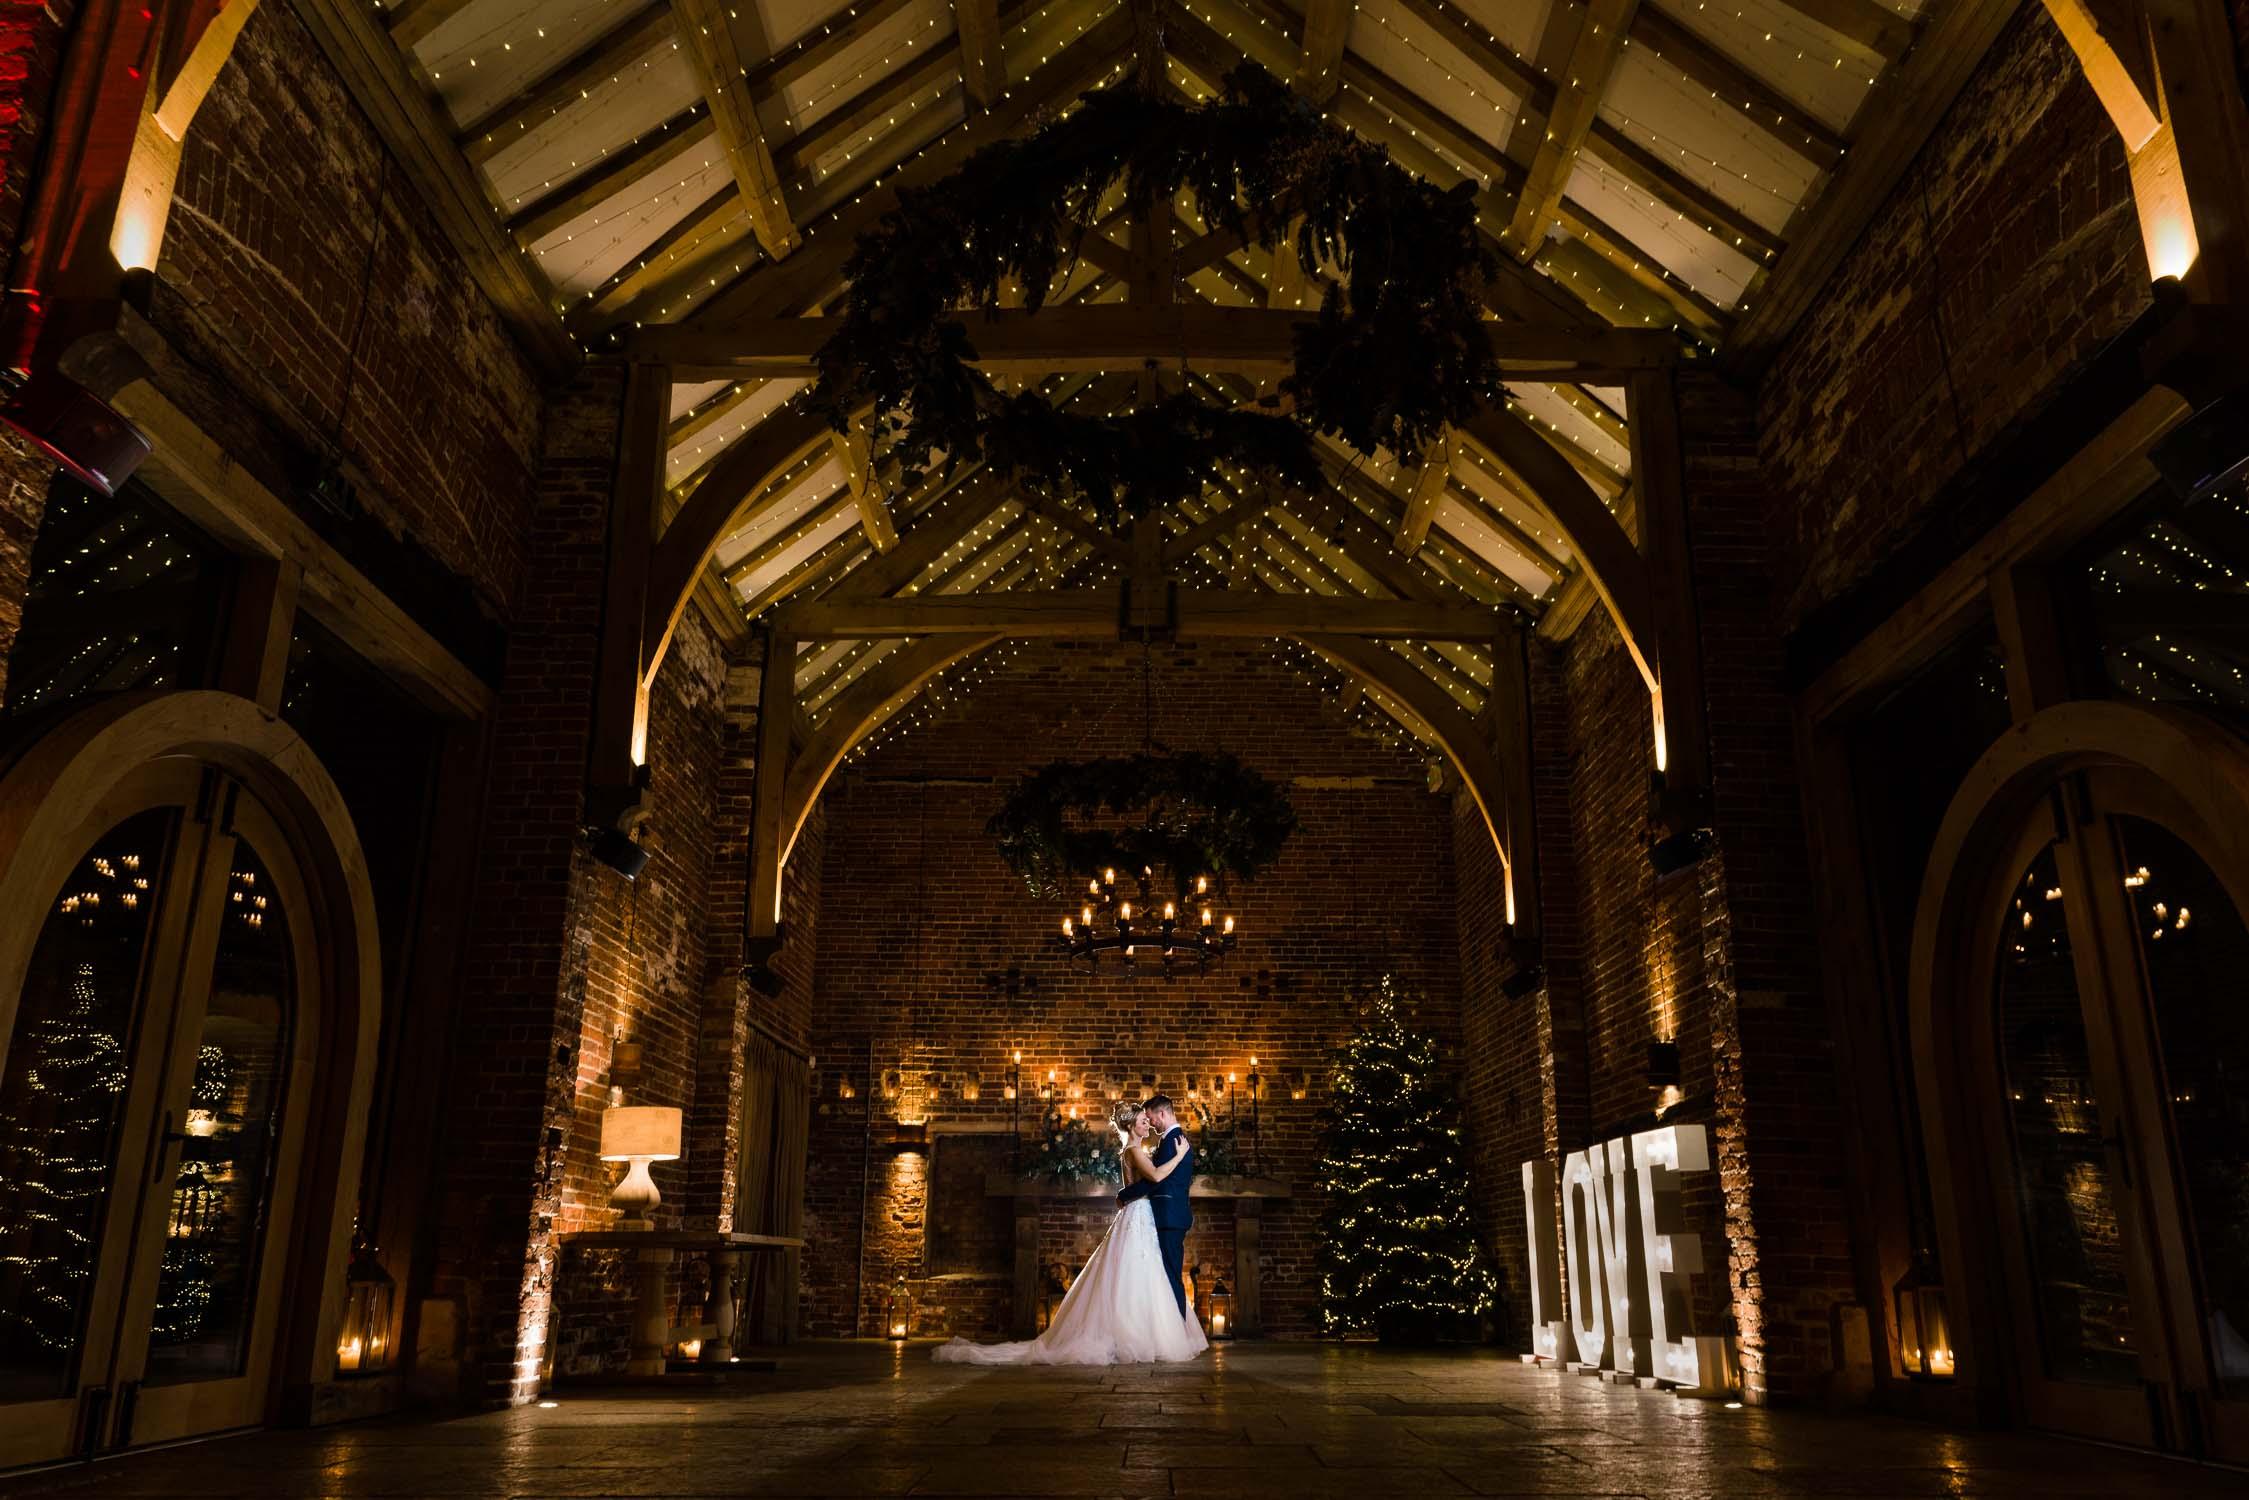 Wedding photo in Hazel Gap Barn room